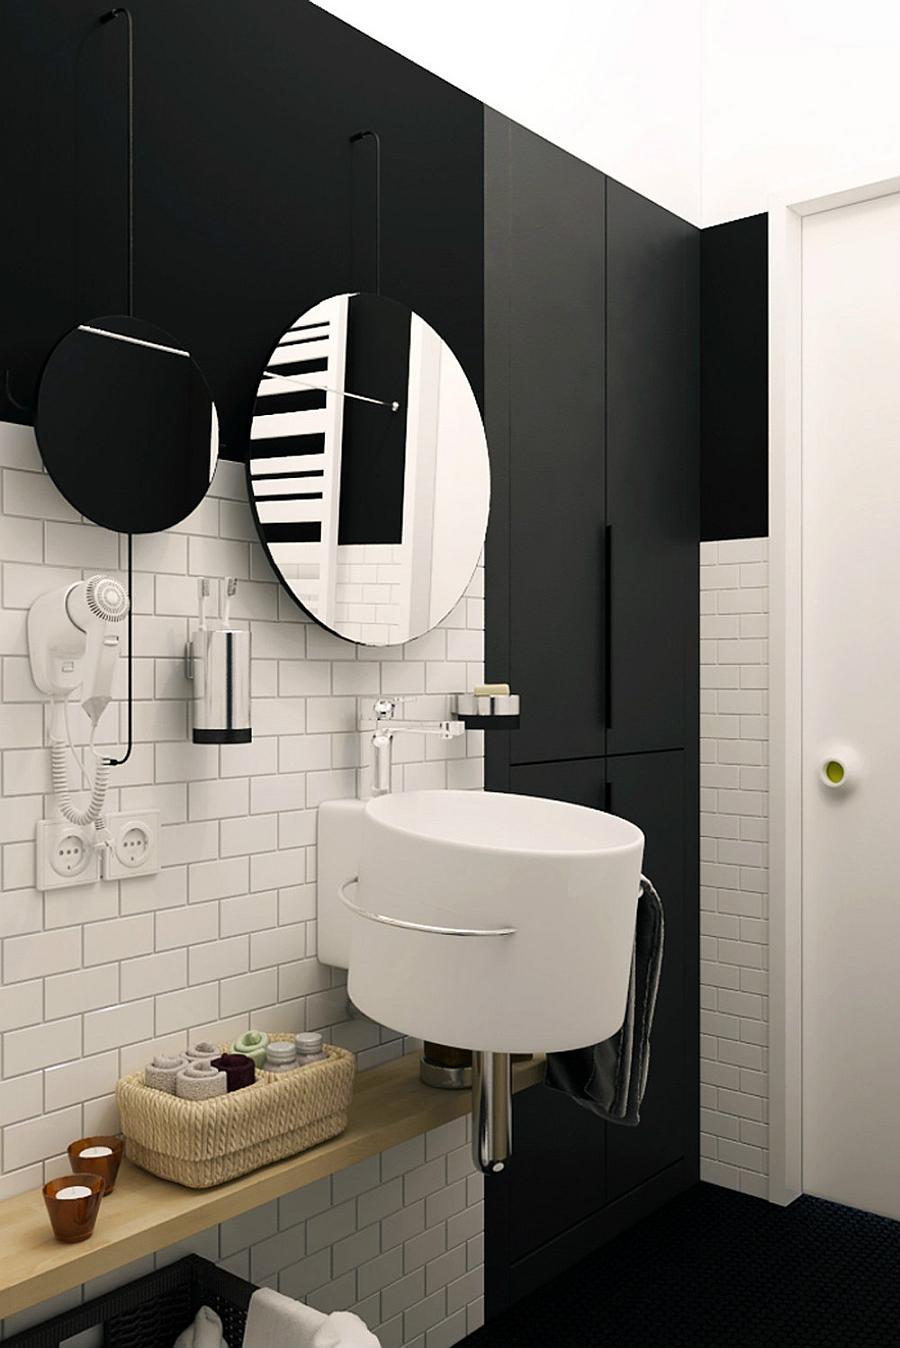 malak-apartament-v-cherno-i-bqlo-pokazva-interesni-idei-910g